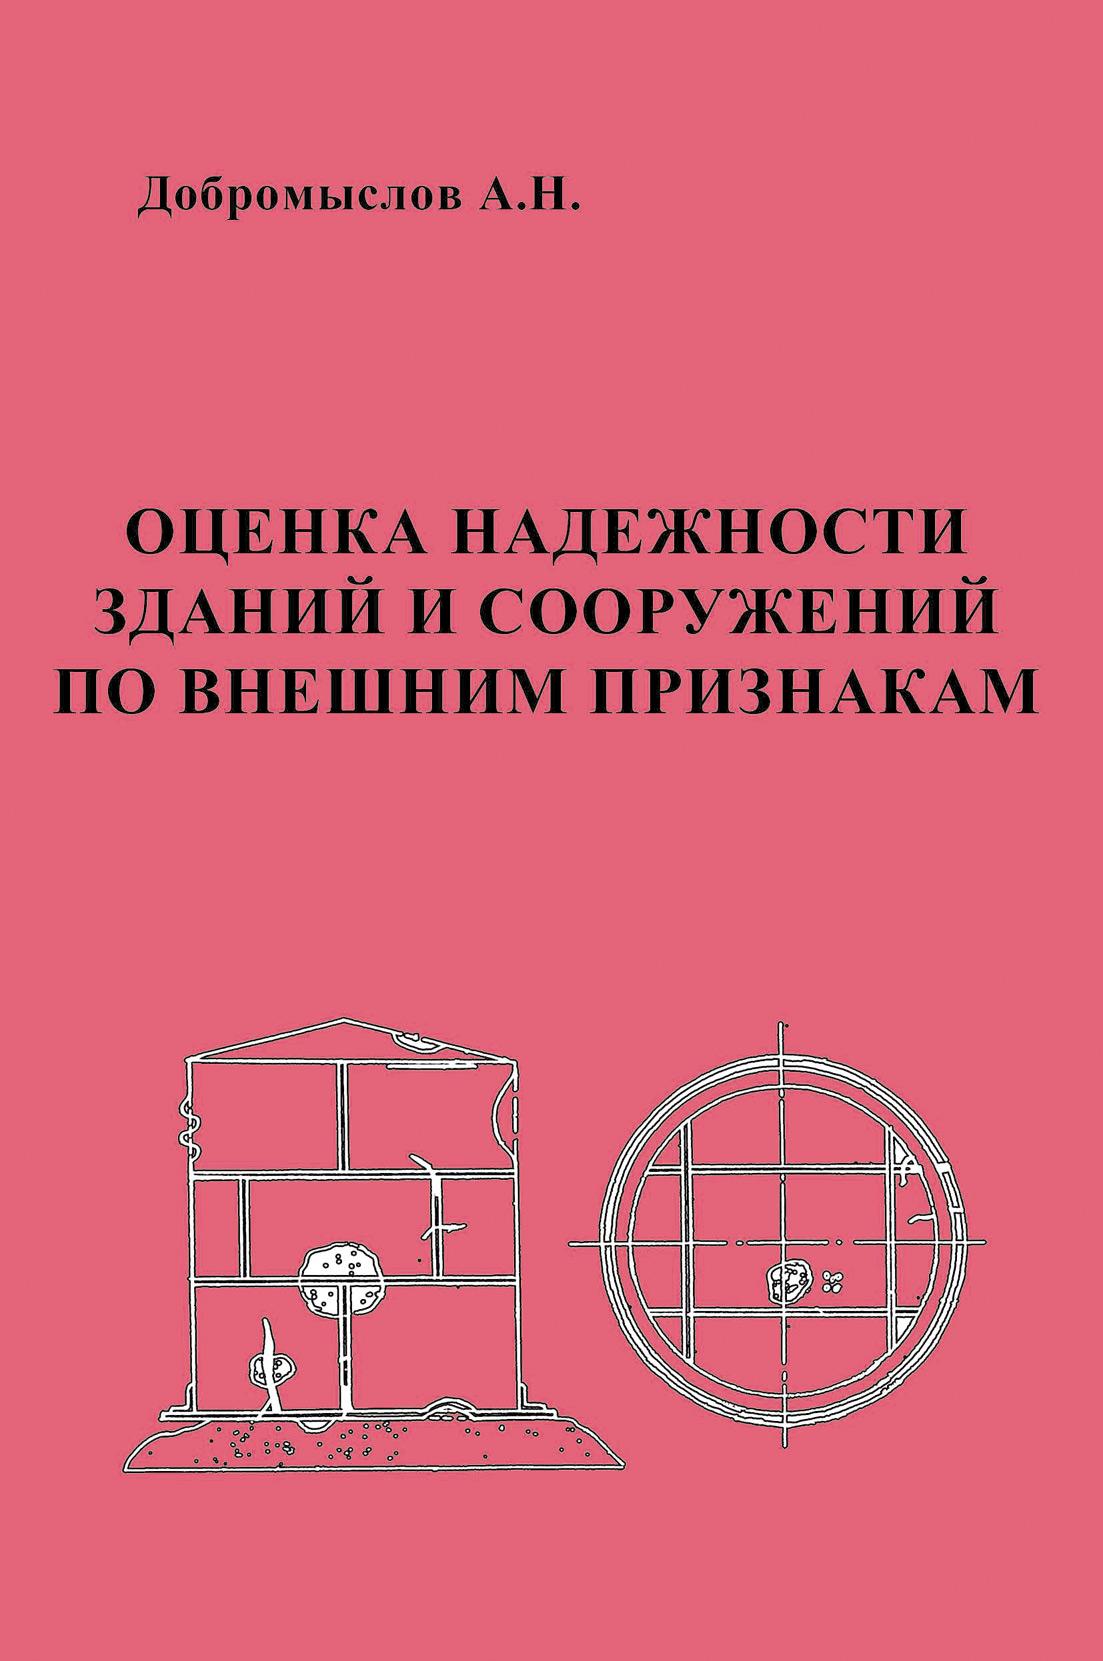 А. Н. Добромыслов Оценка надежности зданий и сооружений по внешним признакам в д райзер теория надежности сооружений